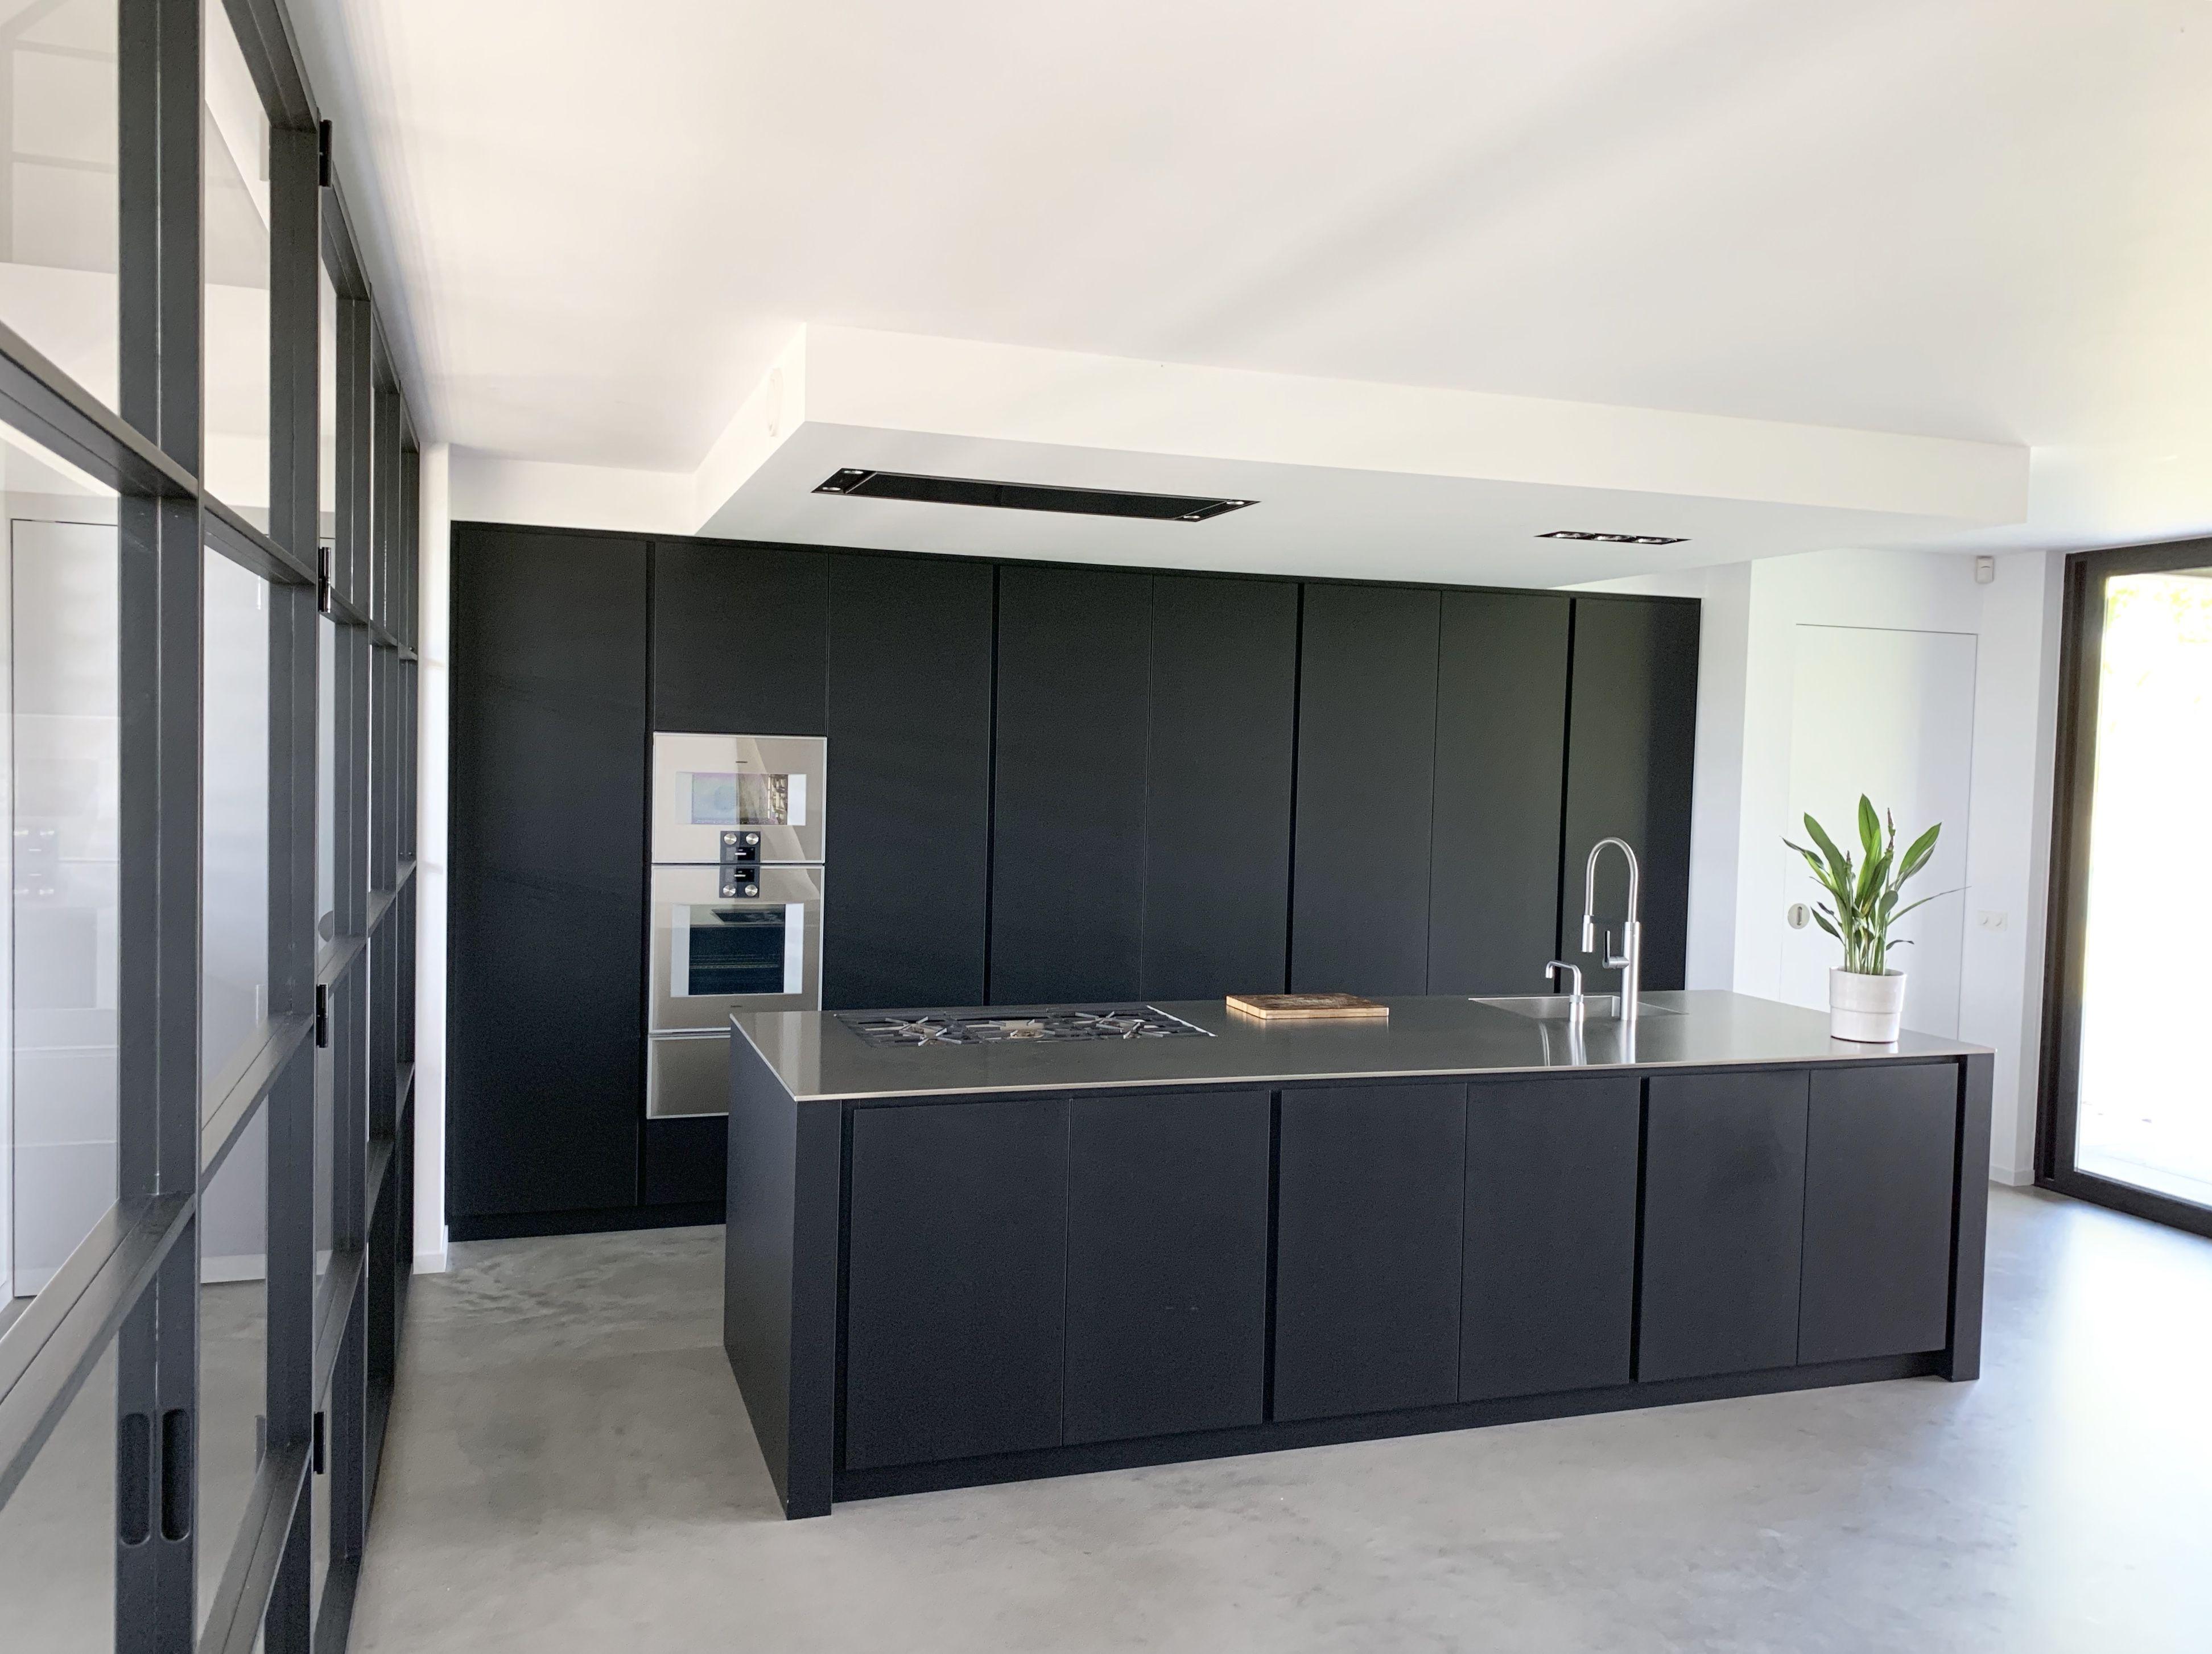 Zwart Betonvloer Keuken : Industrieel interieur zwarte keuken uitgevoerd met gaggenau